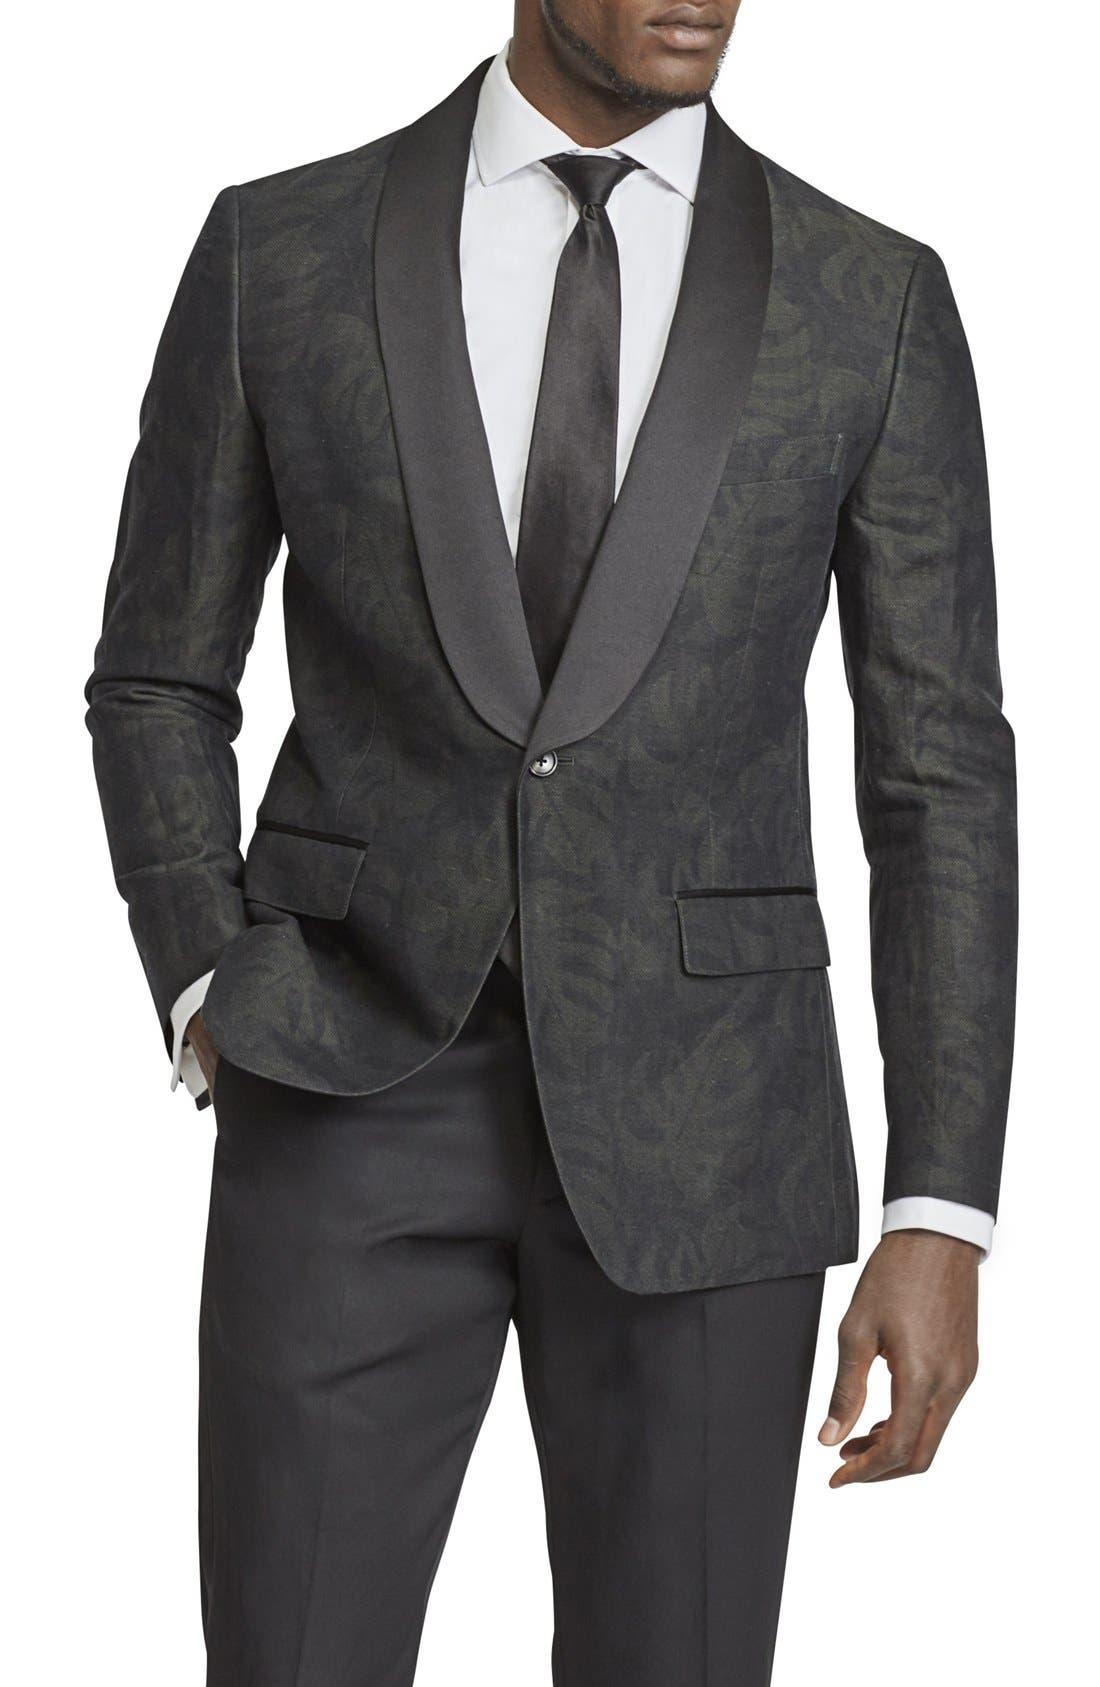 BONOBOS Trim Fit Linen & Cotton Print Dinner Jacket, Main, color, 001